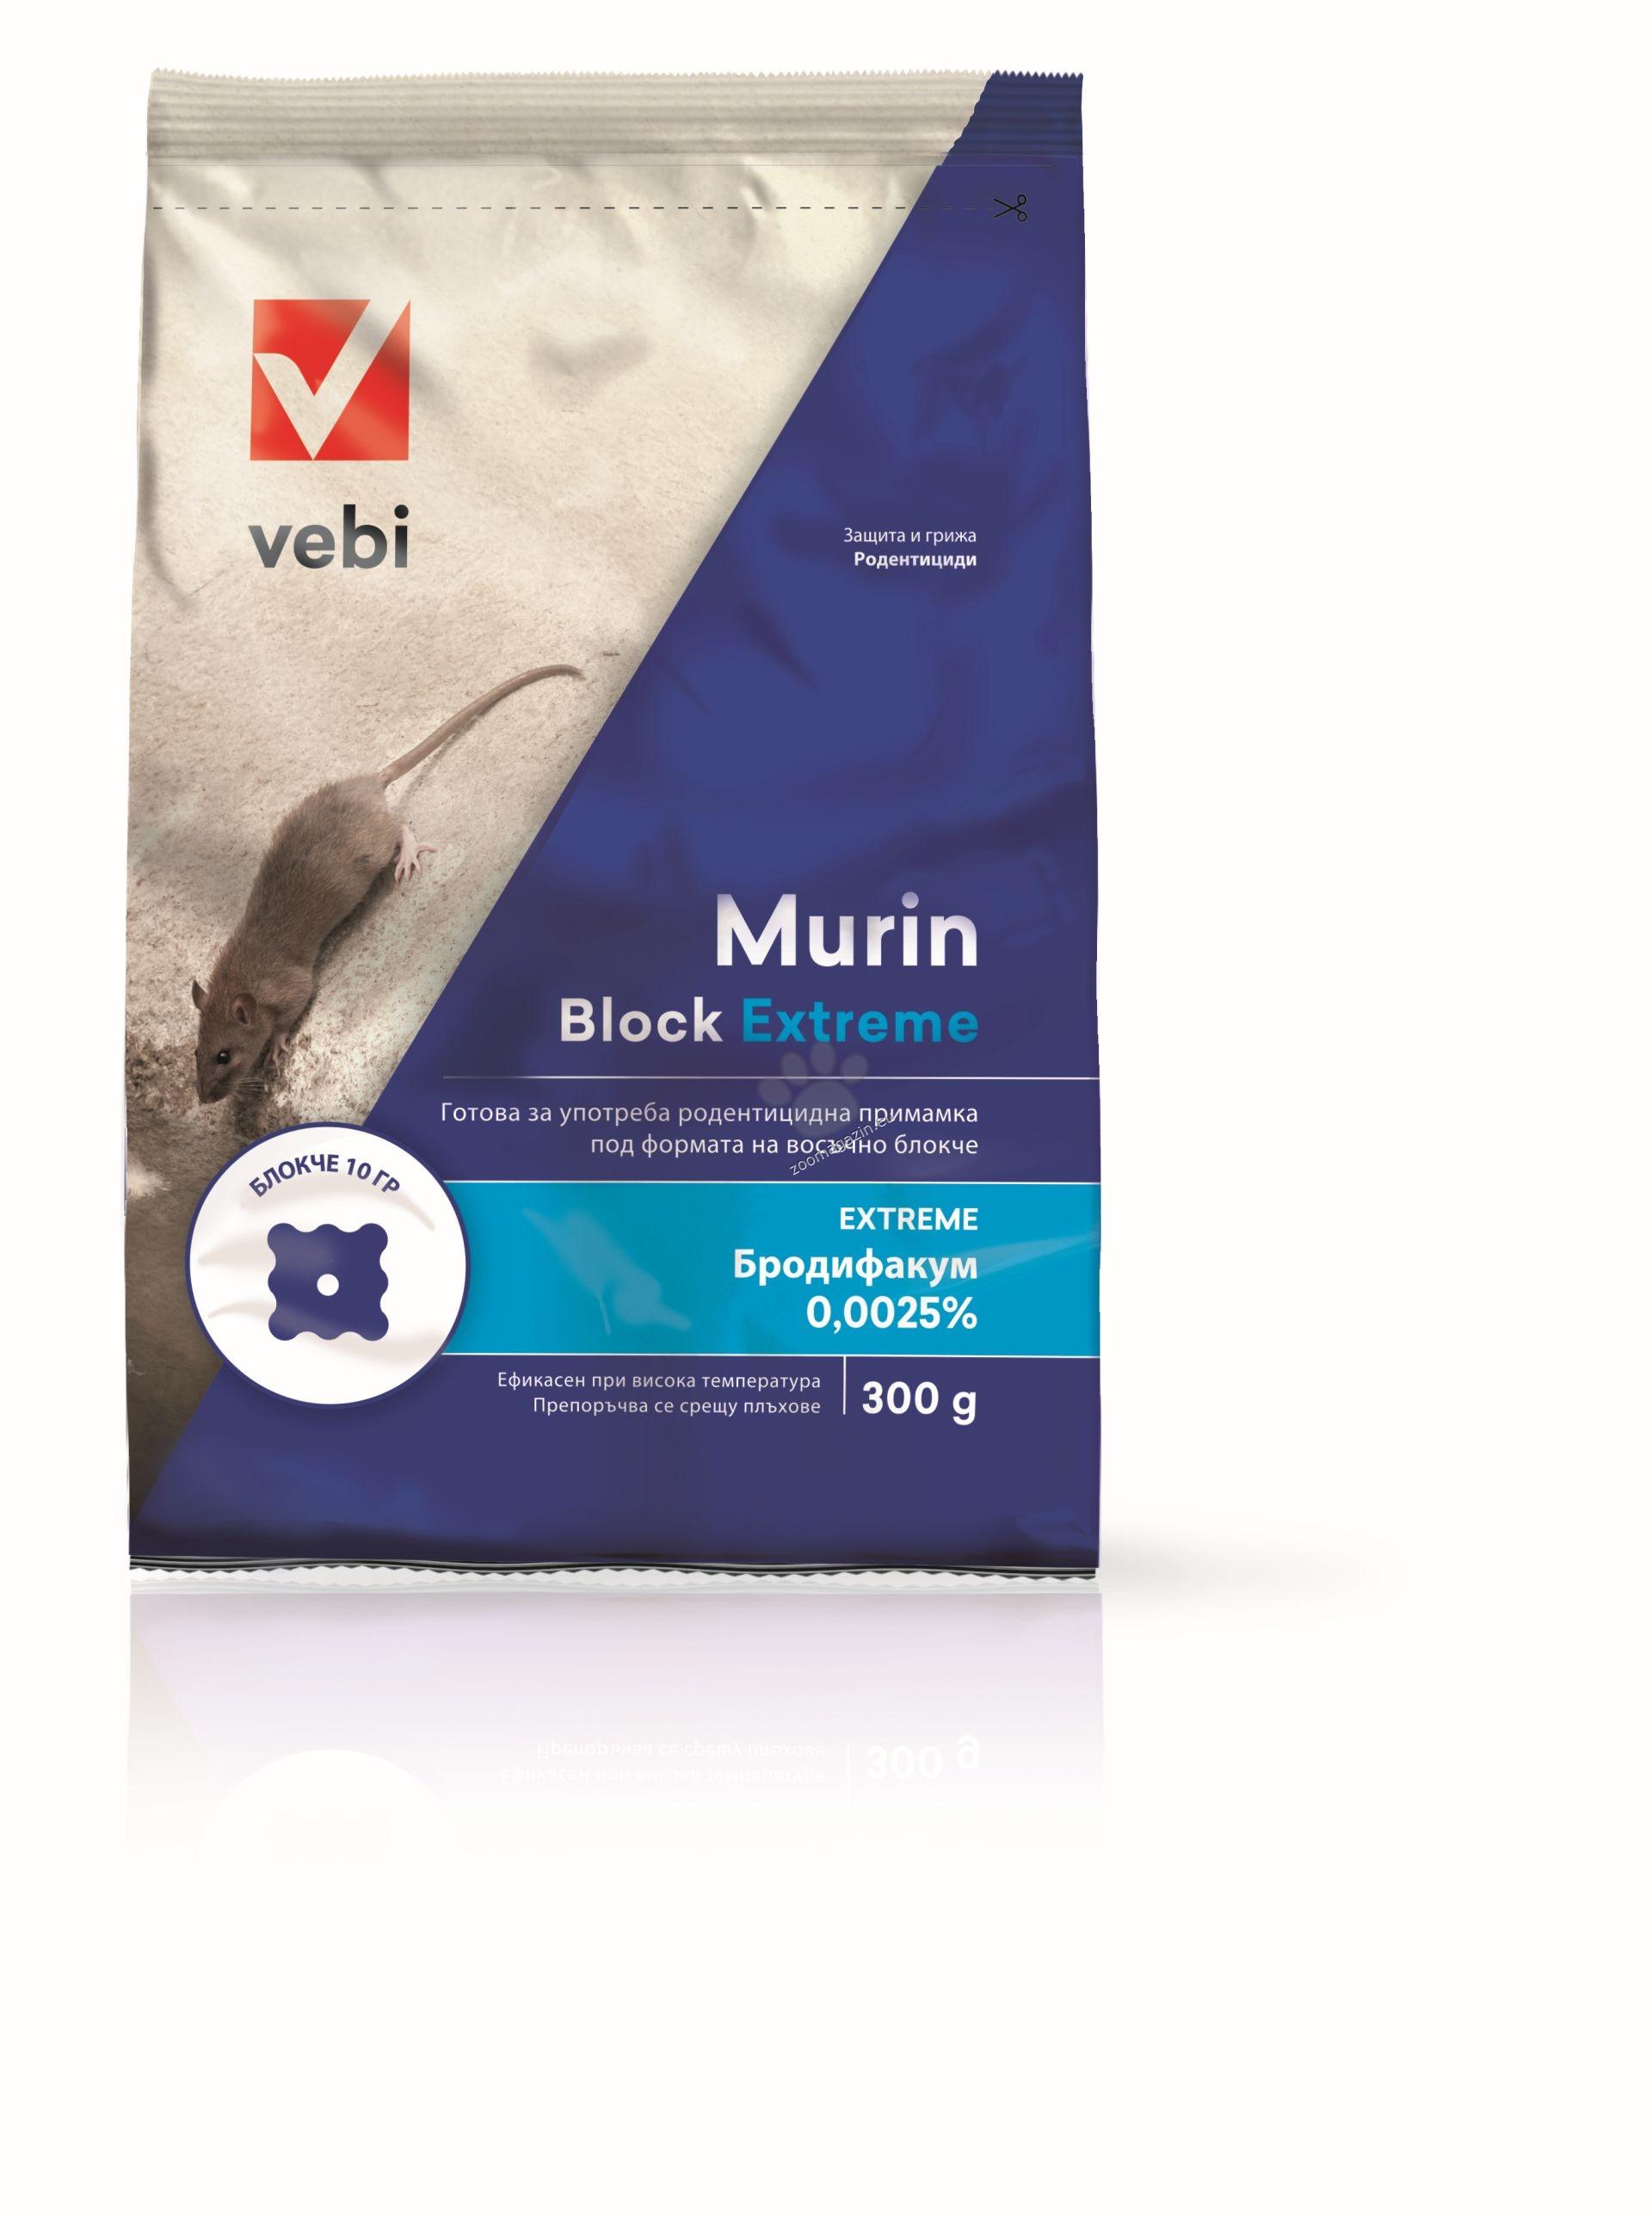 Murin Block Extreme - Готова за употреба родентицидка примамки за масова употреба 300 гр.